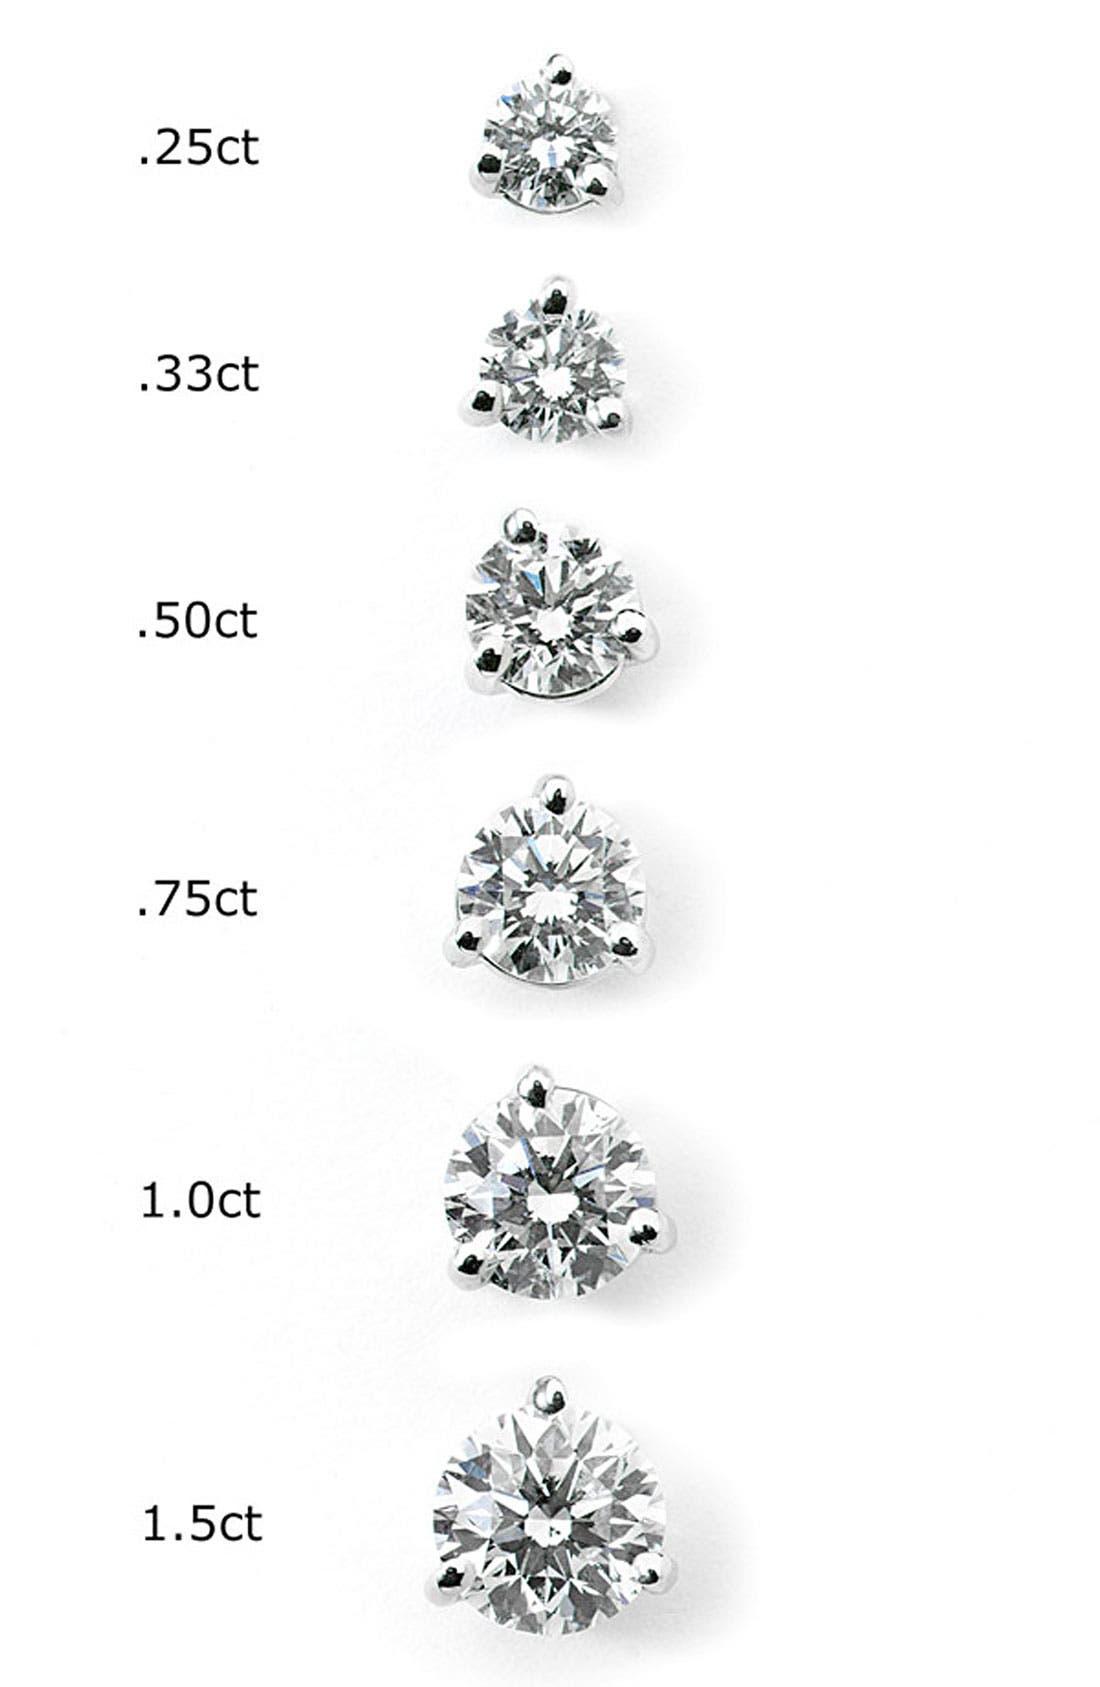 0.75ct tw Diamond & Platinum Stud Earrings,                             Alternate thumbnail 2, color,                             PLATINUM